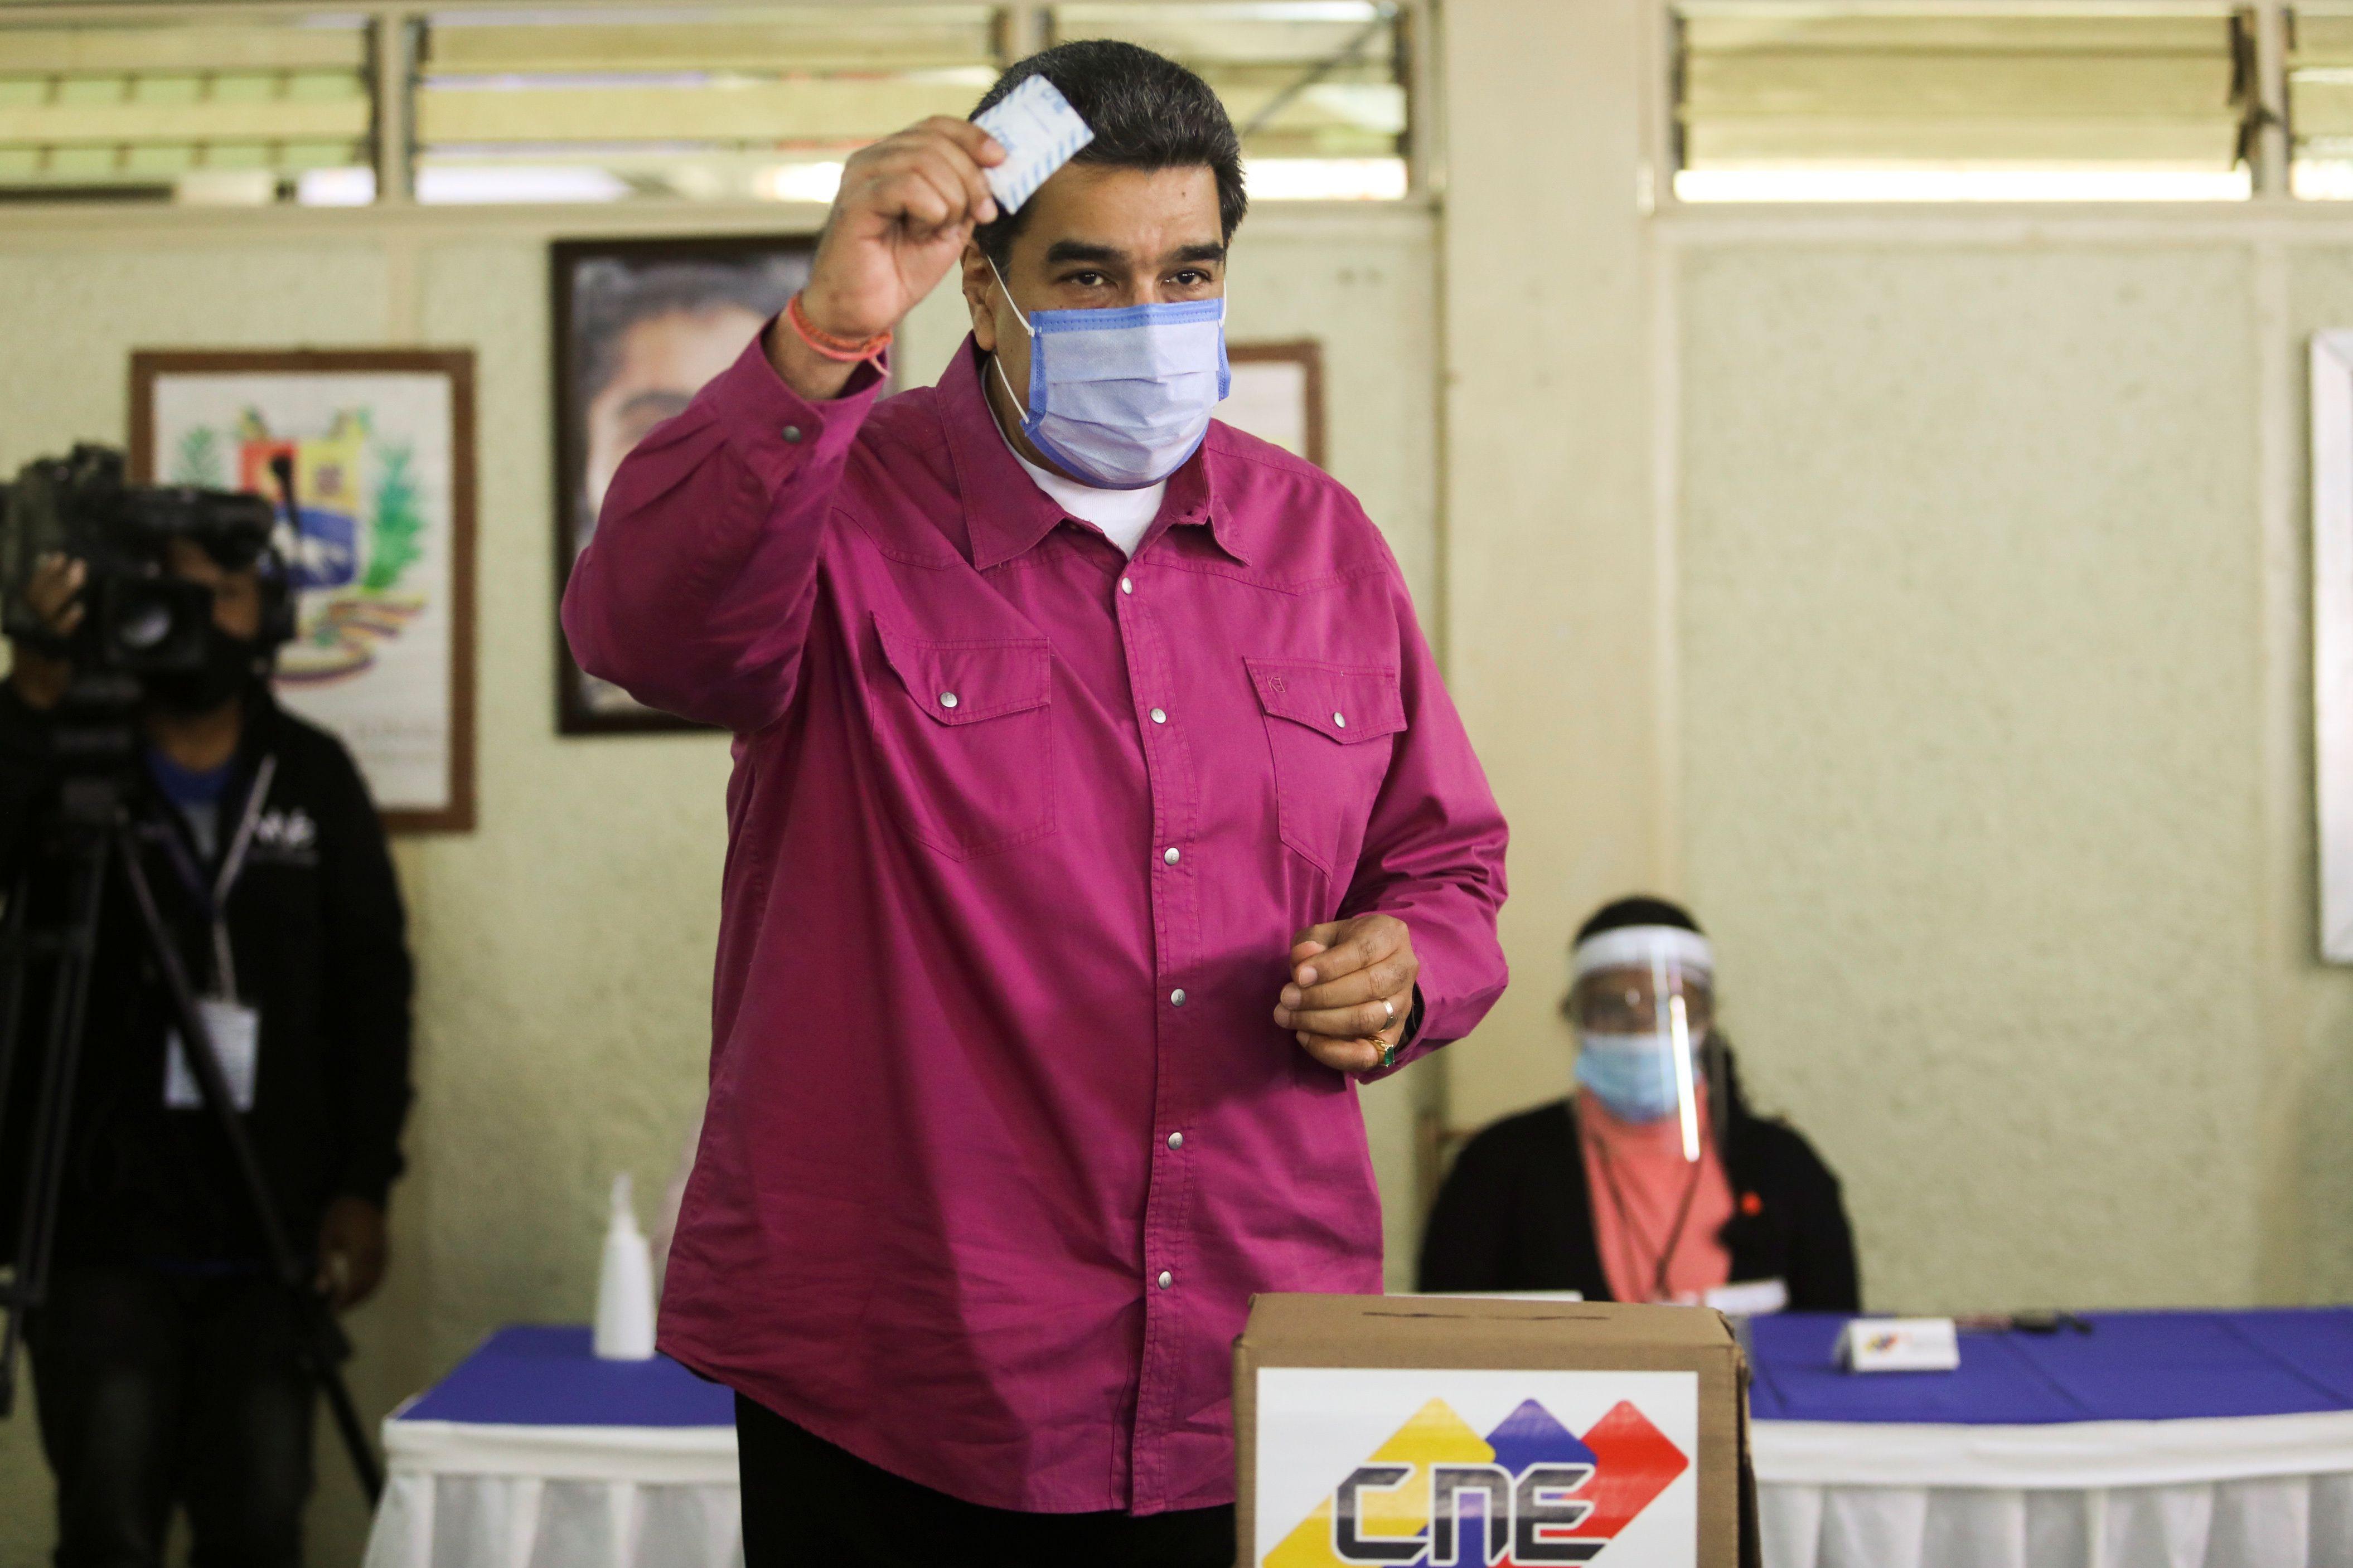 El dictador de Venezuela, Nicolás Maduro, muestra su boleta mientras vota en un colegio electoral durante las elecciones parlamentarias en Caracas, Venezuela, 6 de diciembre de 2020. REUTERS/Fausto Torrealba